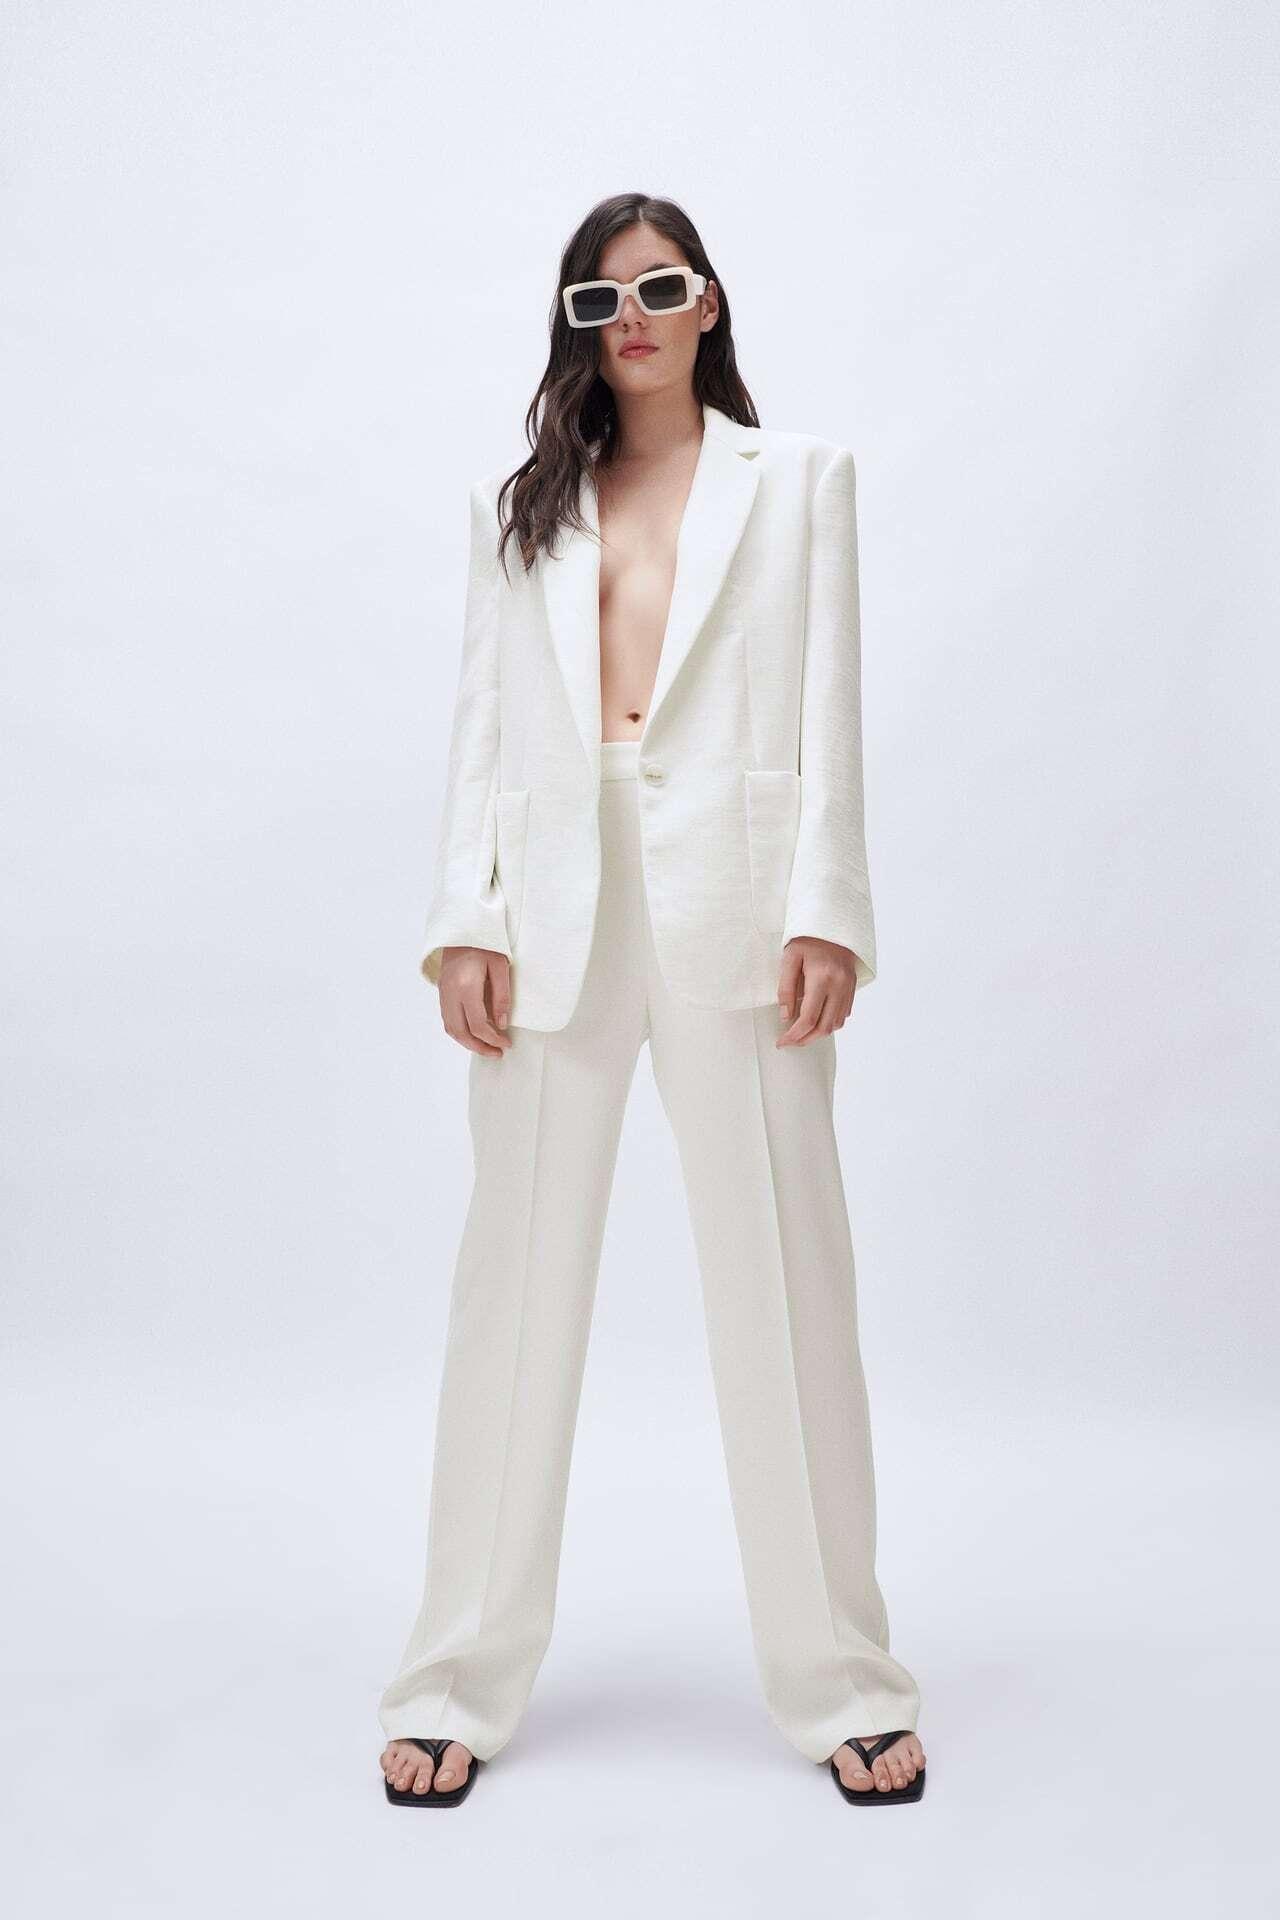 mulher com fato branco da Zara